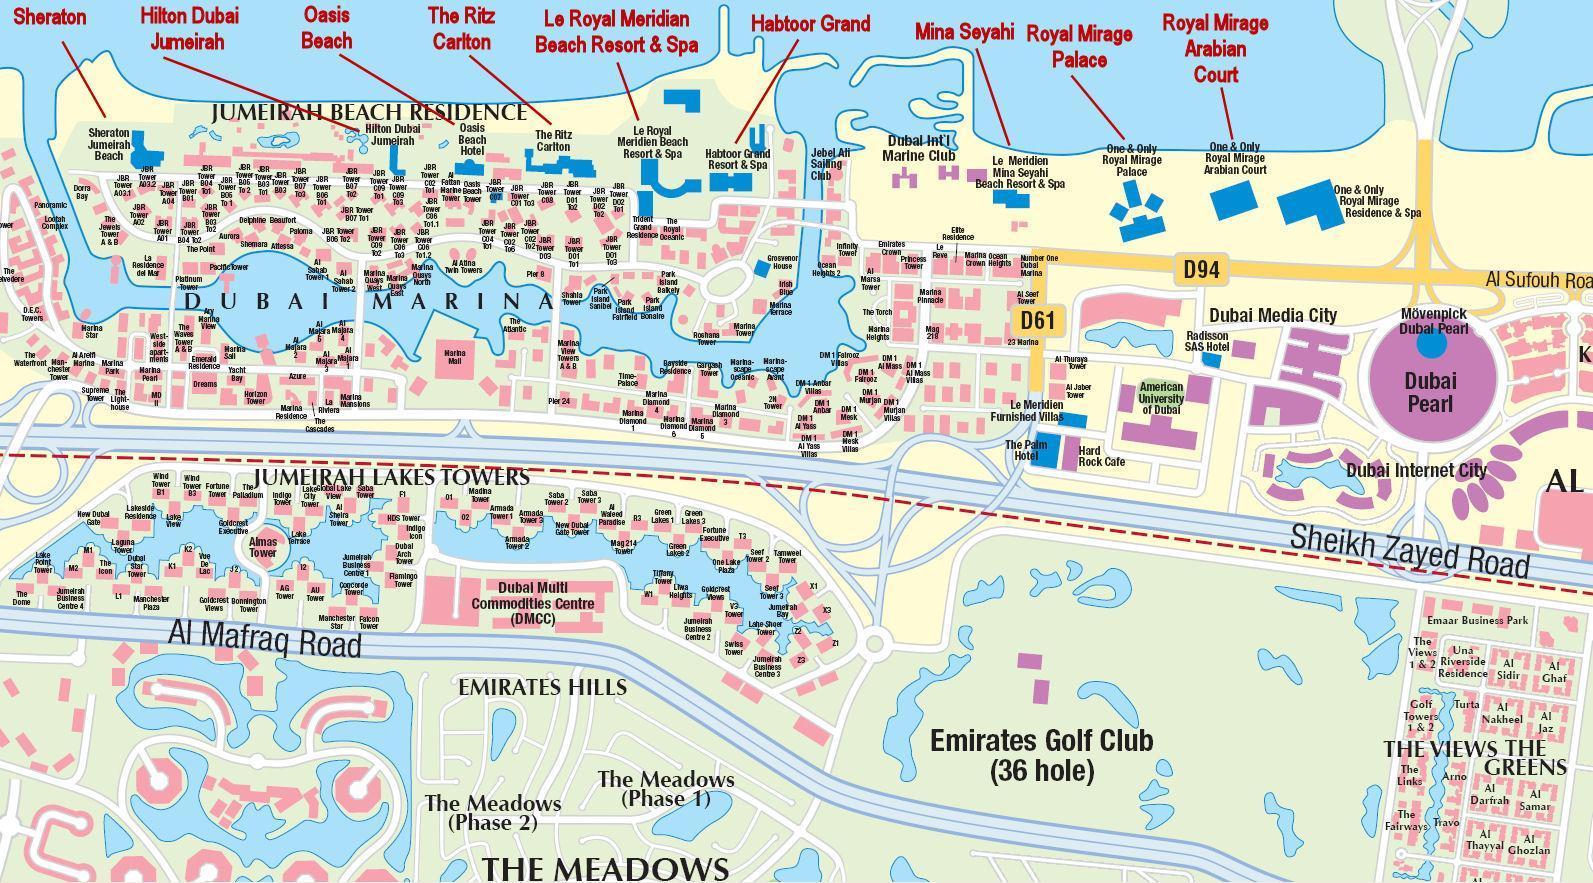 Дубай марина на карте лонг айленд купить недвижимость